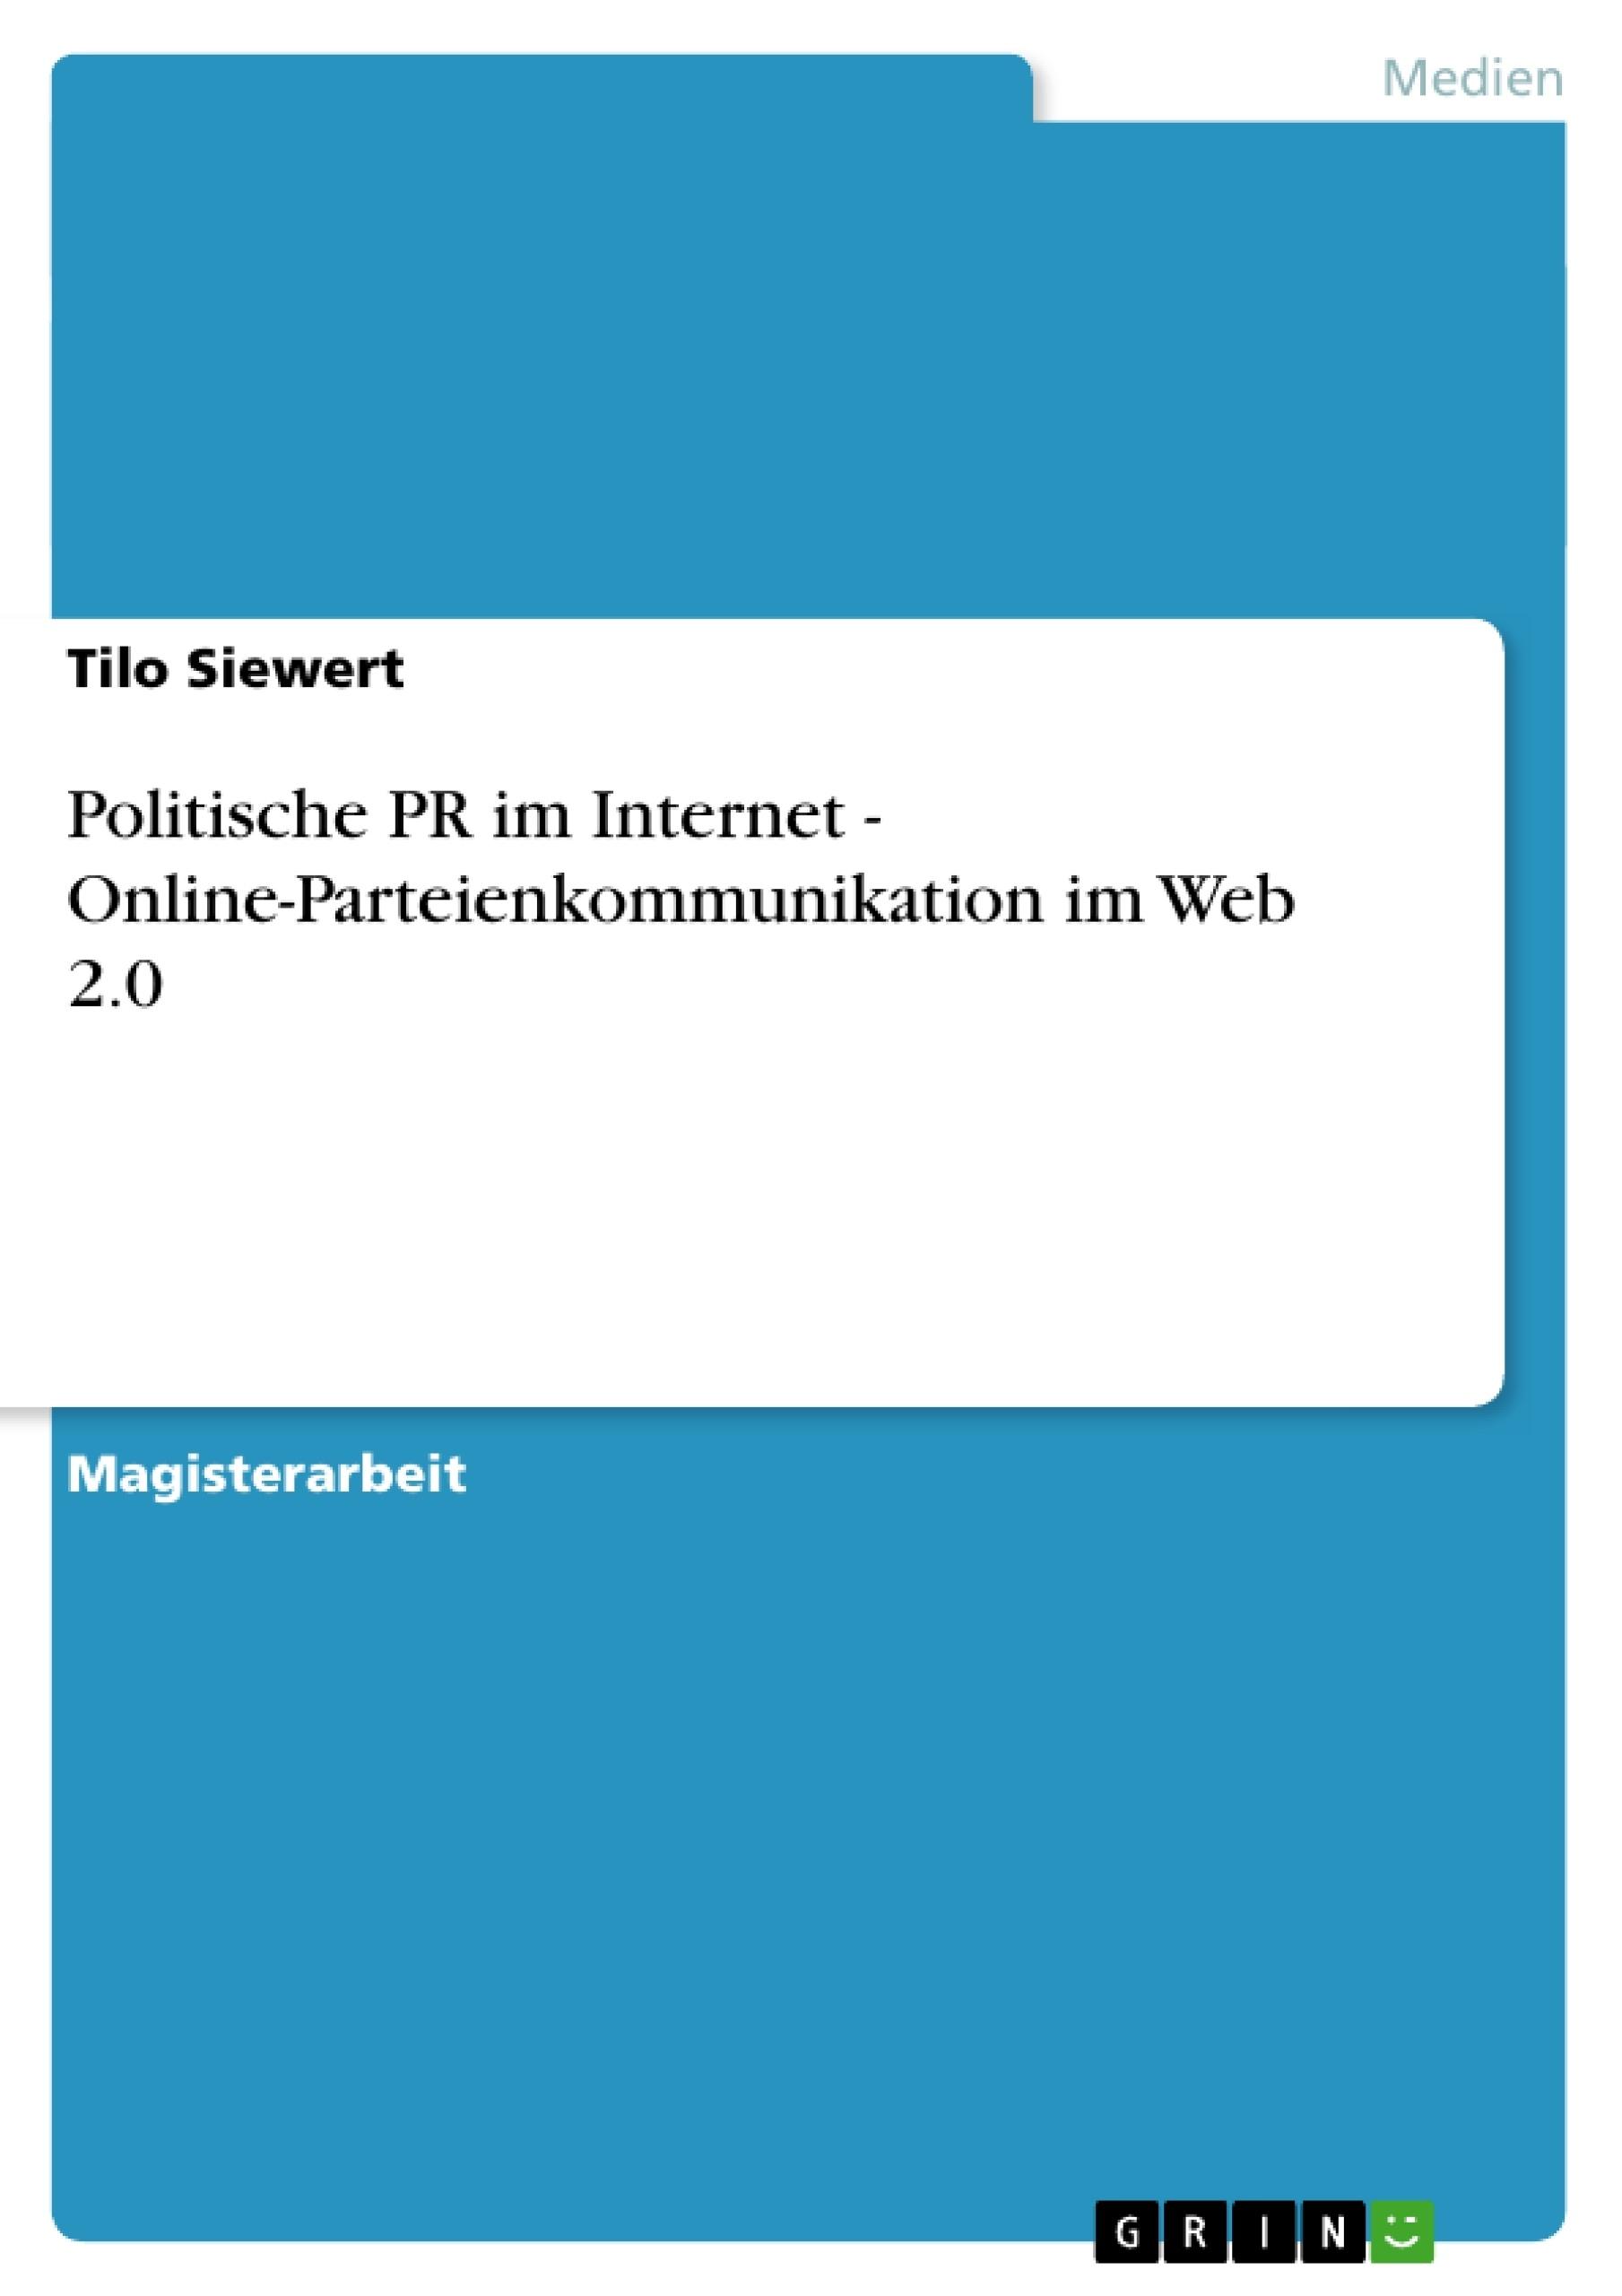 Titel: Politische PR im Internet - Online-Parteienkommunikation im Web 2.0